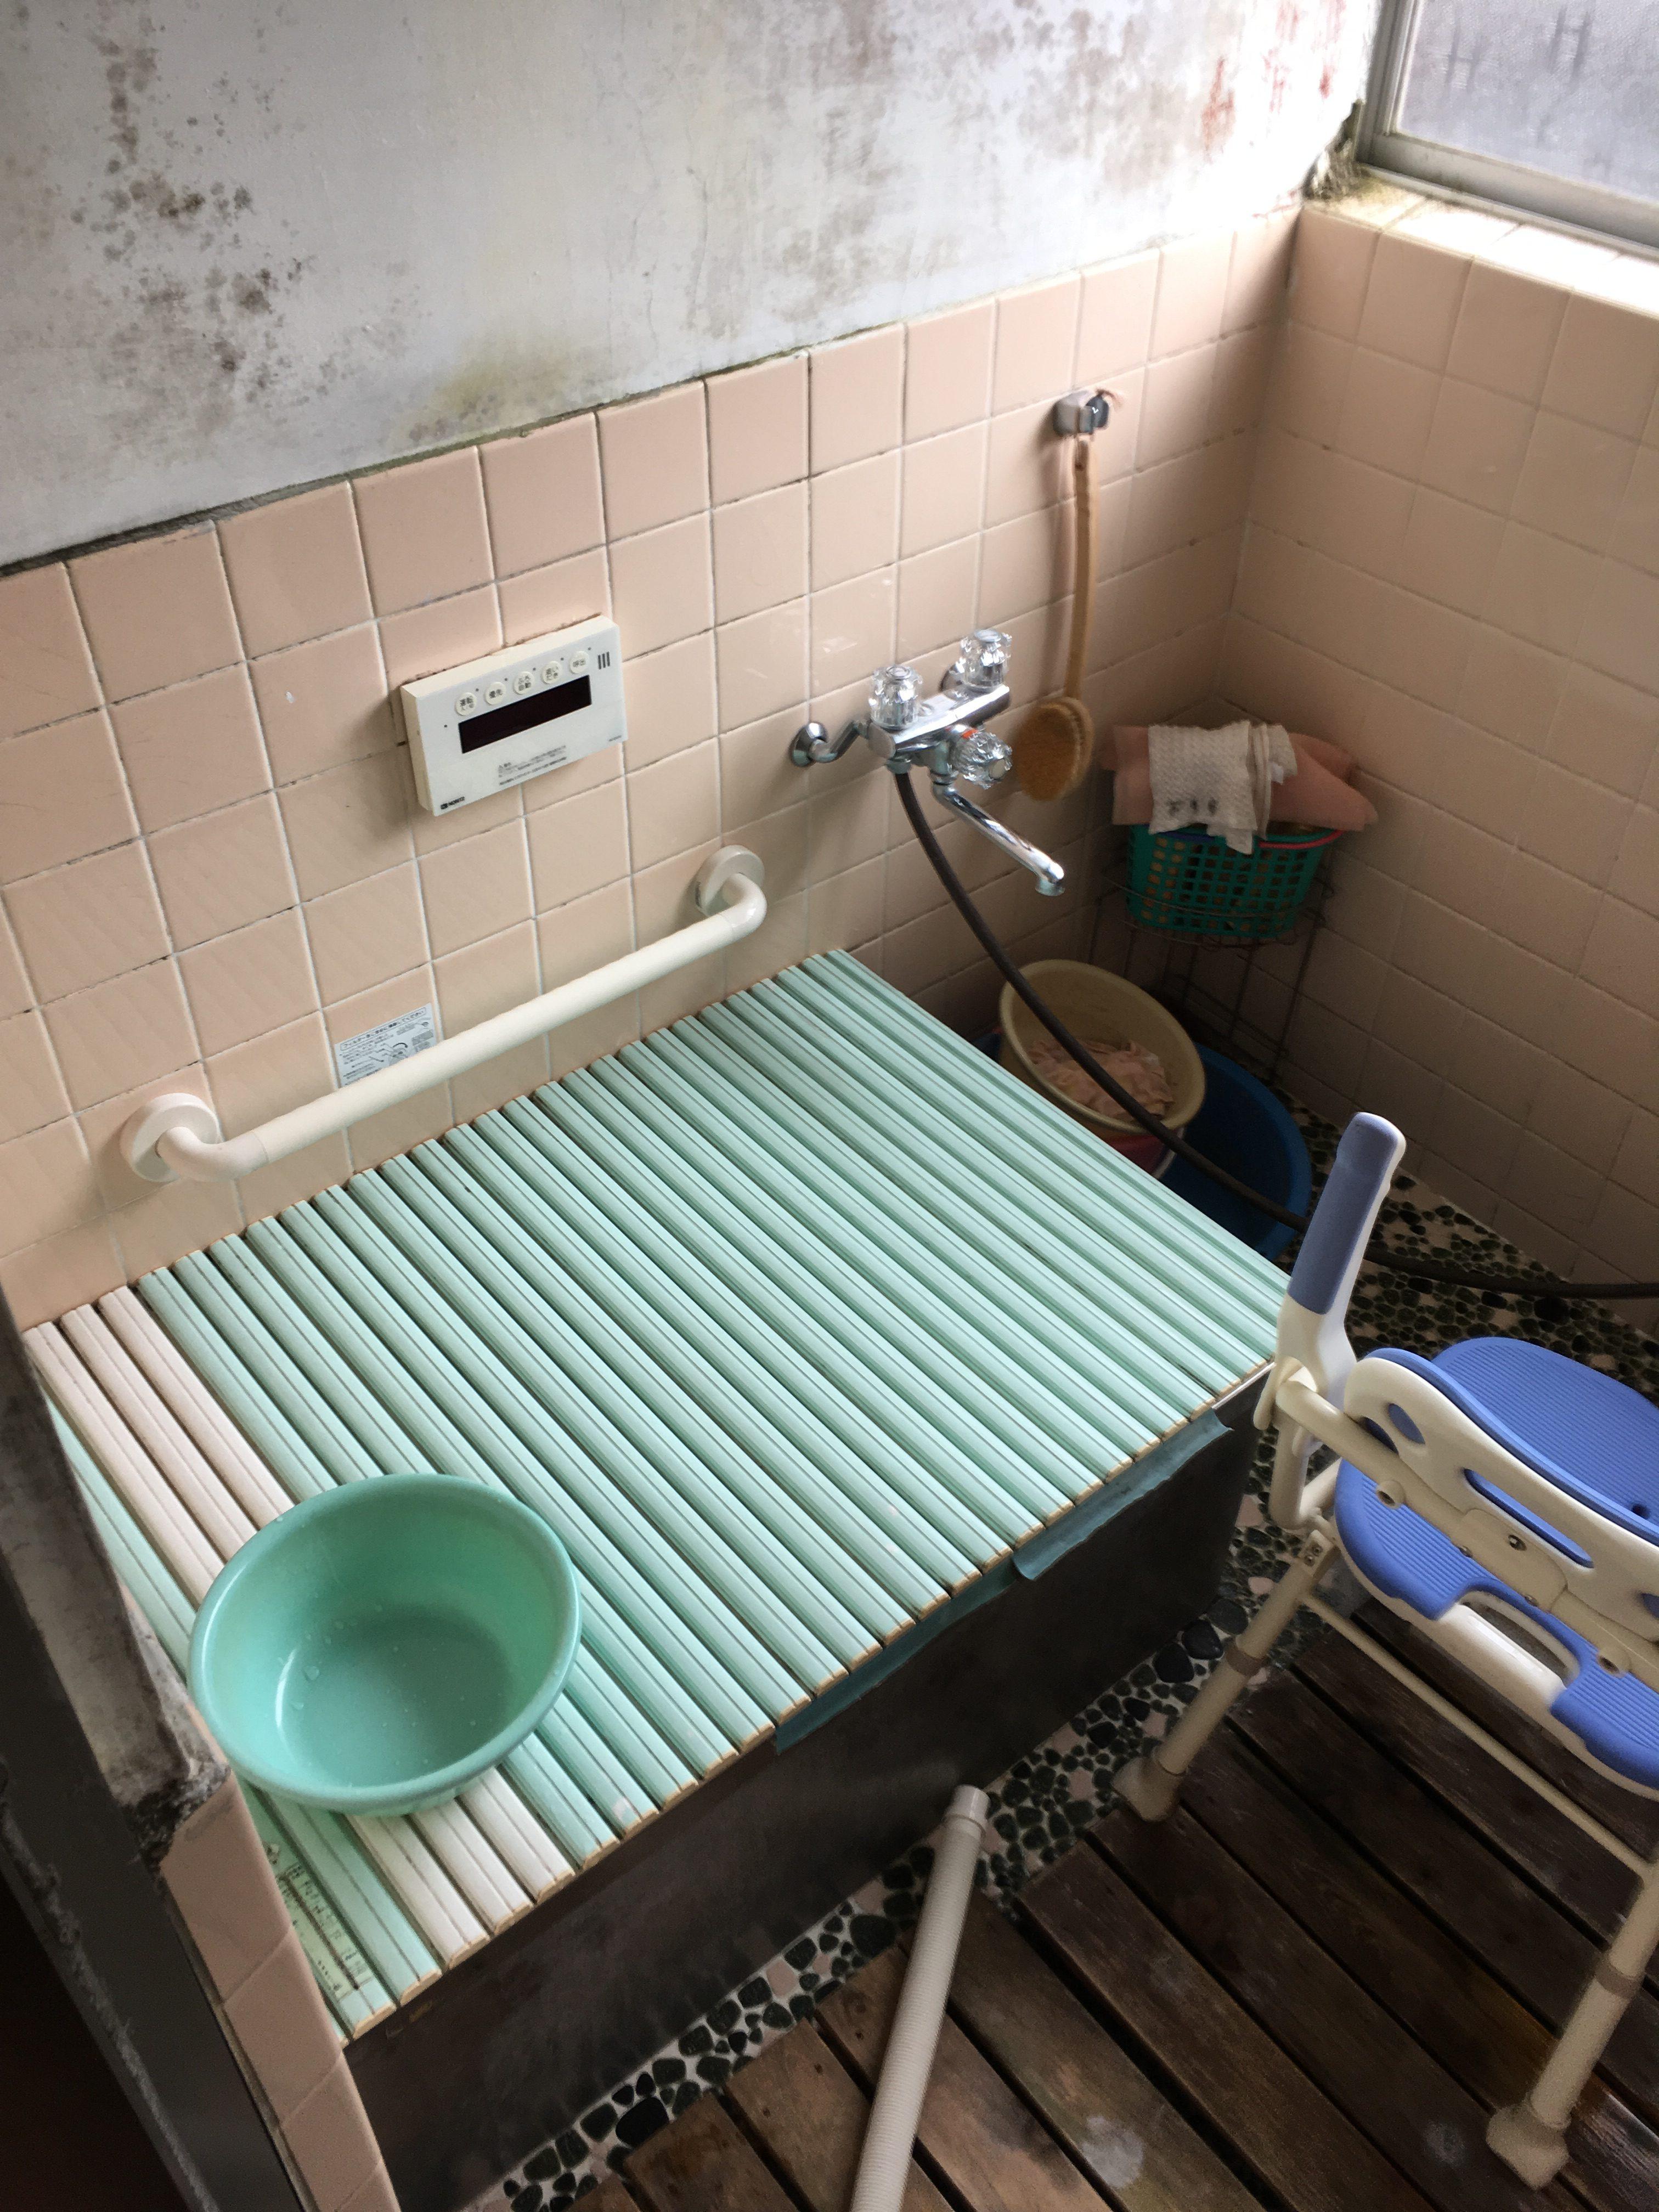 【ダイク株式会社】浴室が古くなりどうしようか困っていた・・・